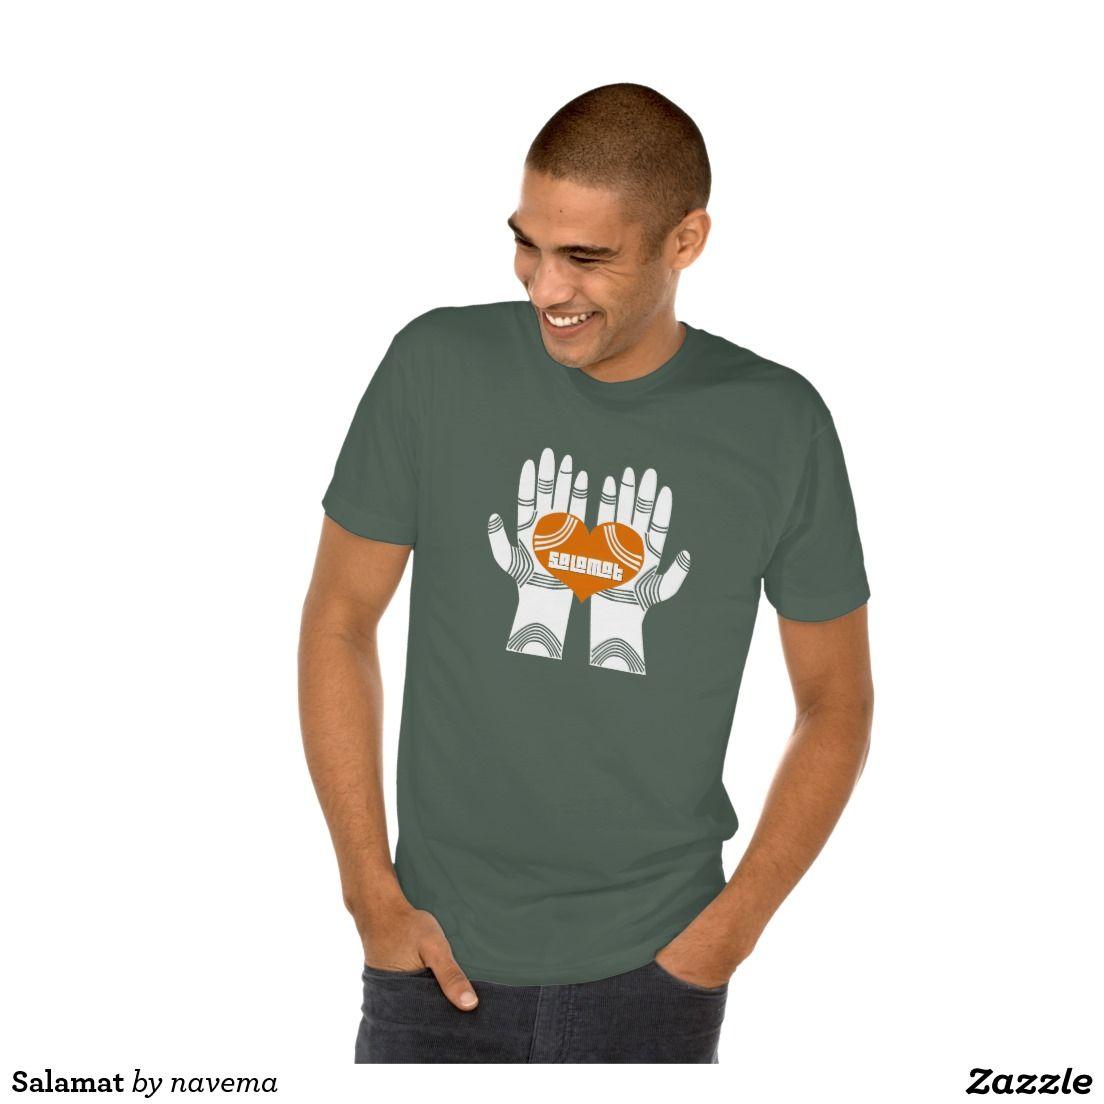 Salamat T Shirt